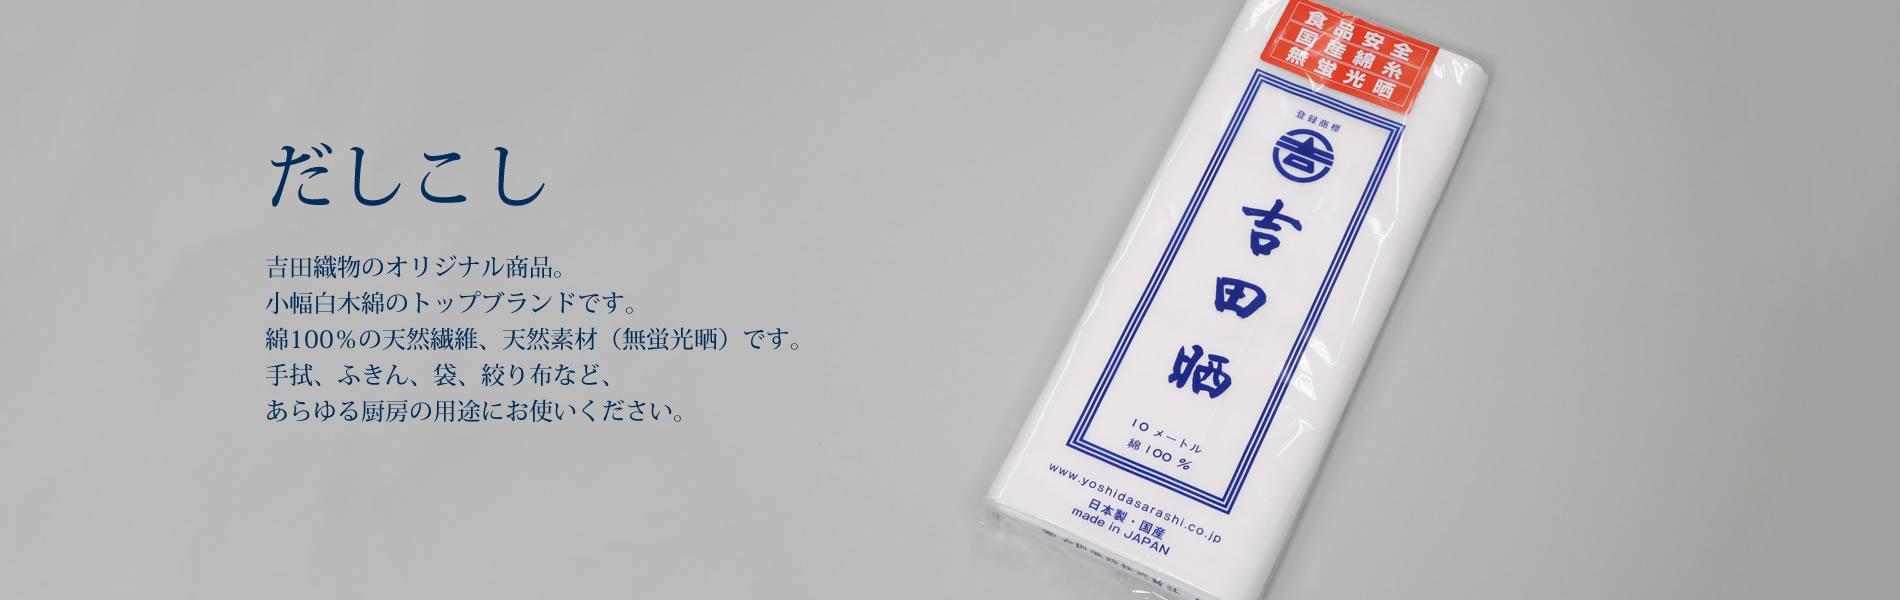 吉田晒®(よしださらし)